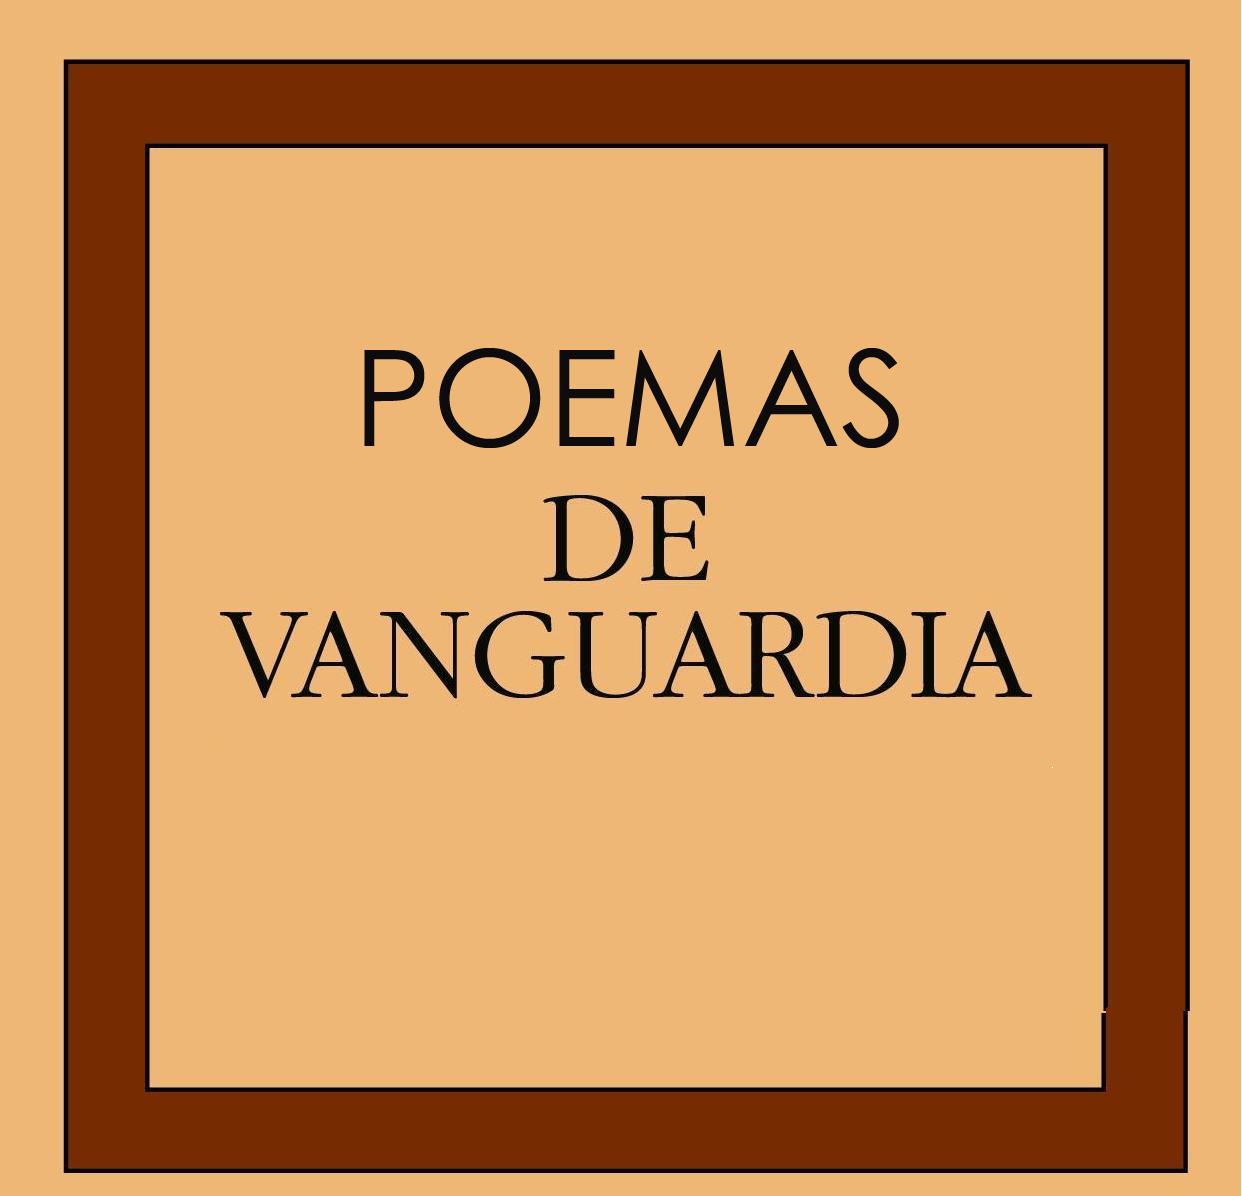 Poemas De Vanguardia Biblioteca Virtual Fandom Fandom